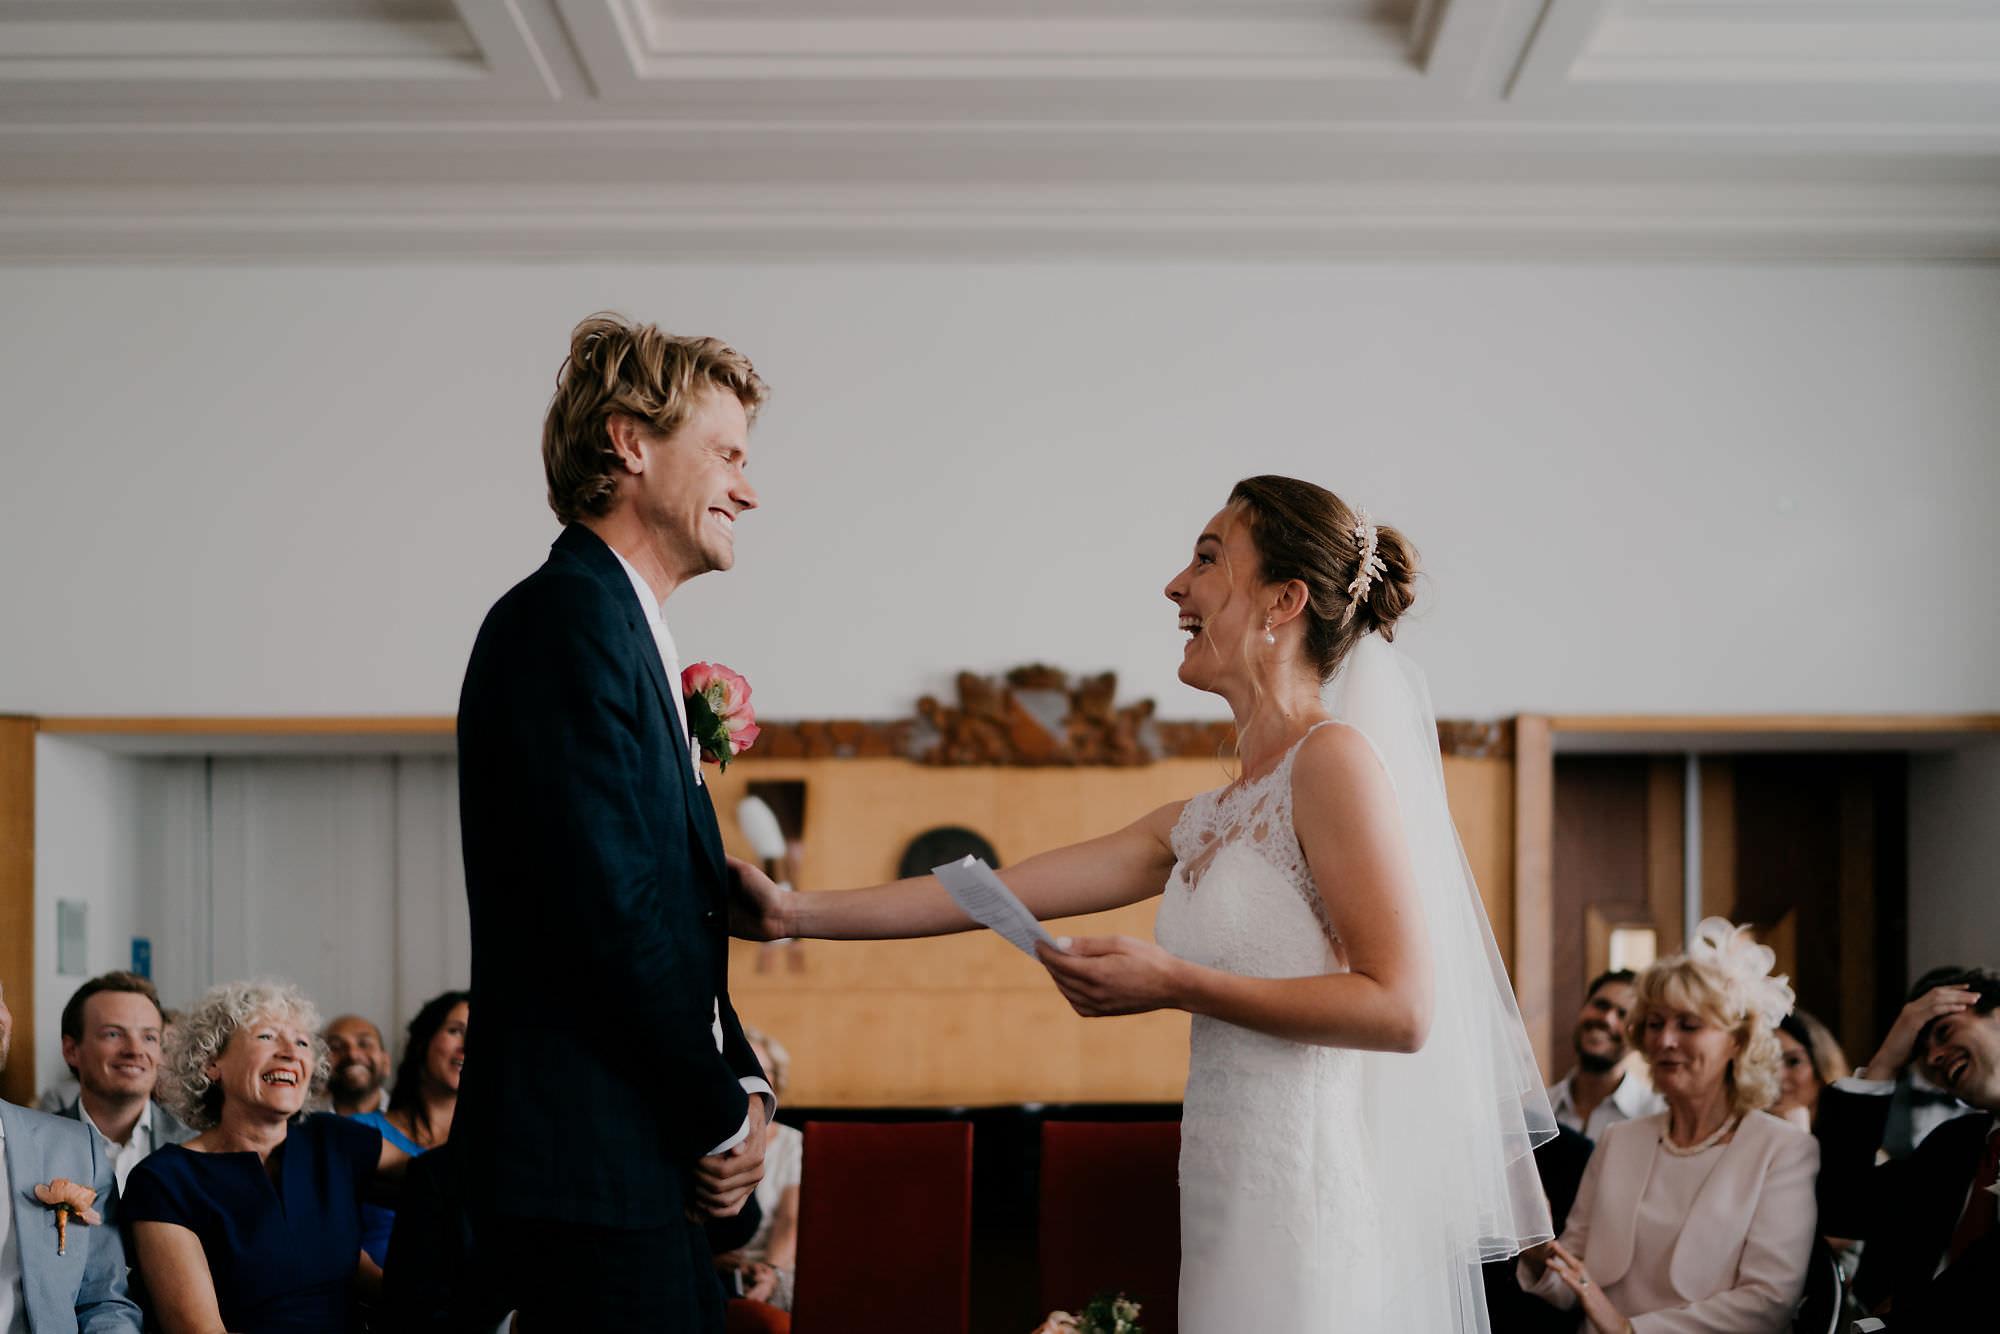 Fotografie bruid en bruidegom Trouwplechtigheid fotograaf mark Hadden